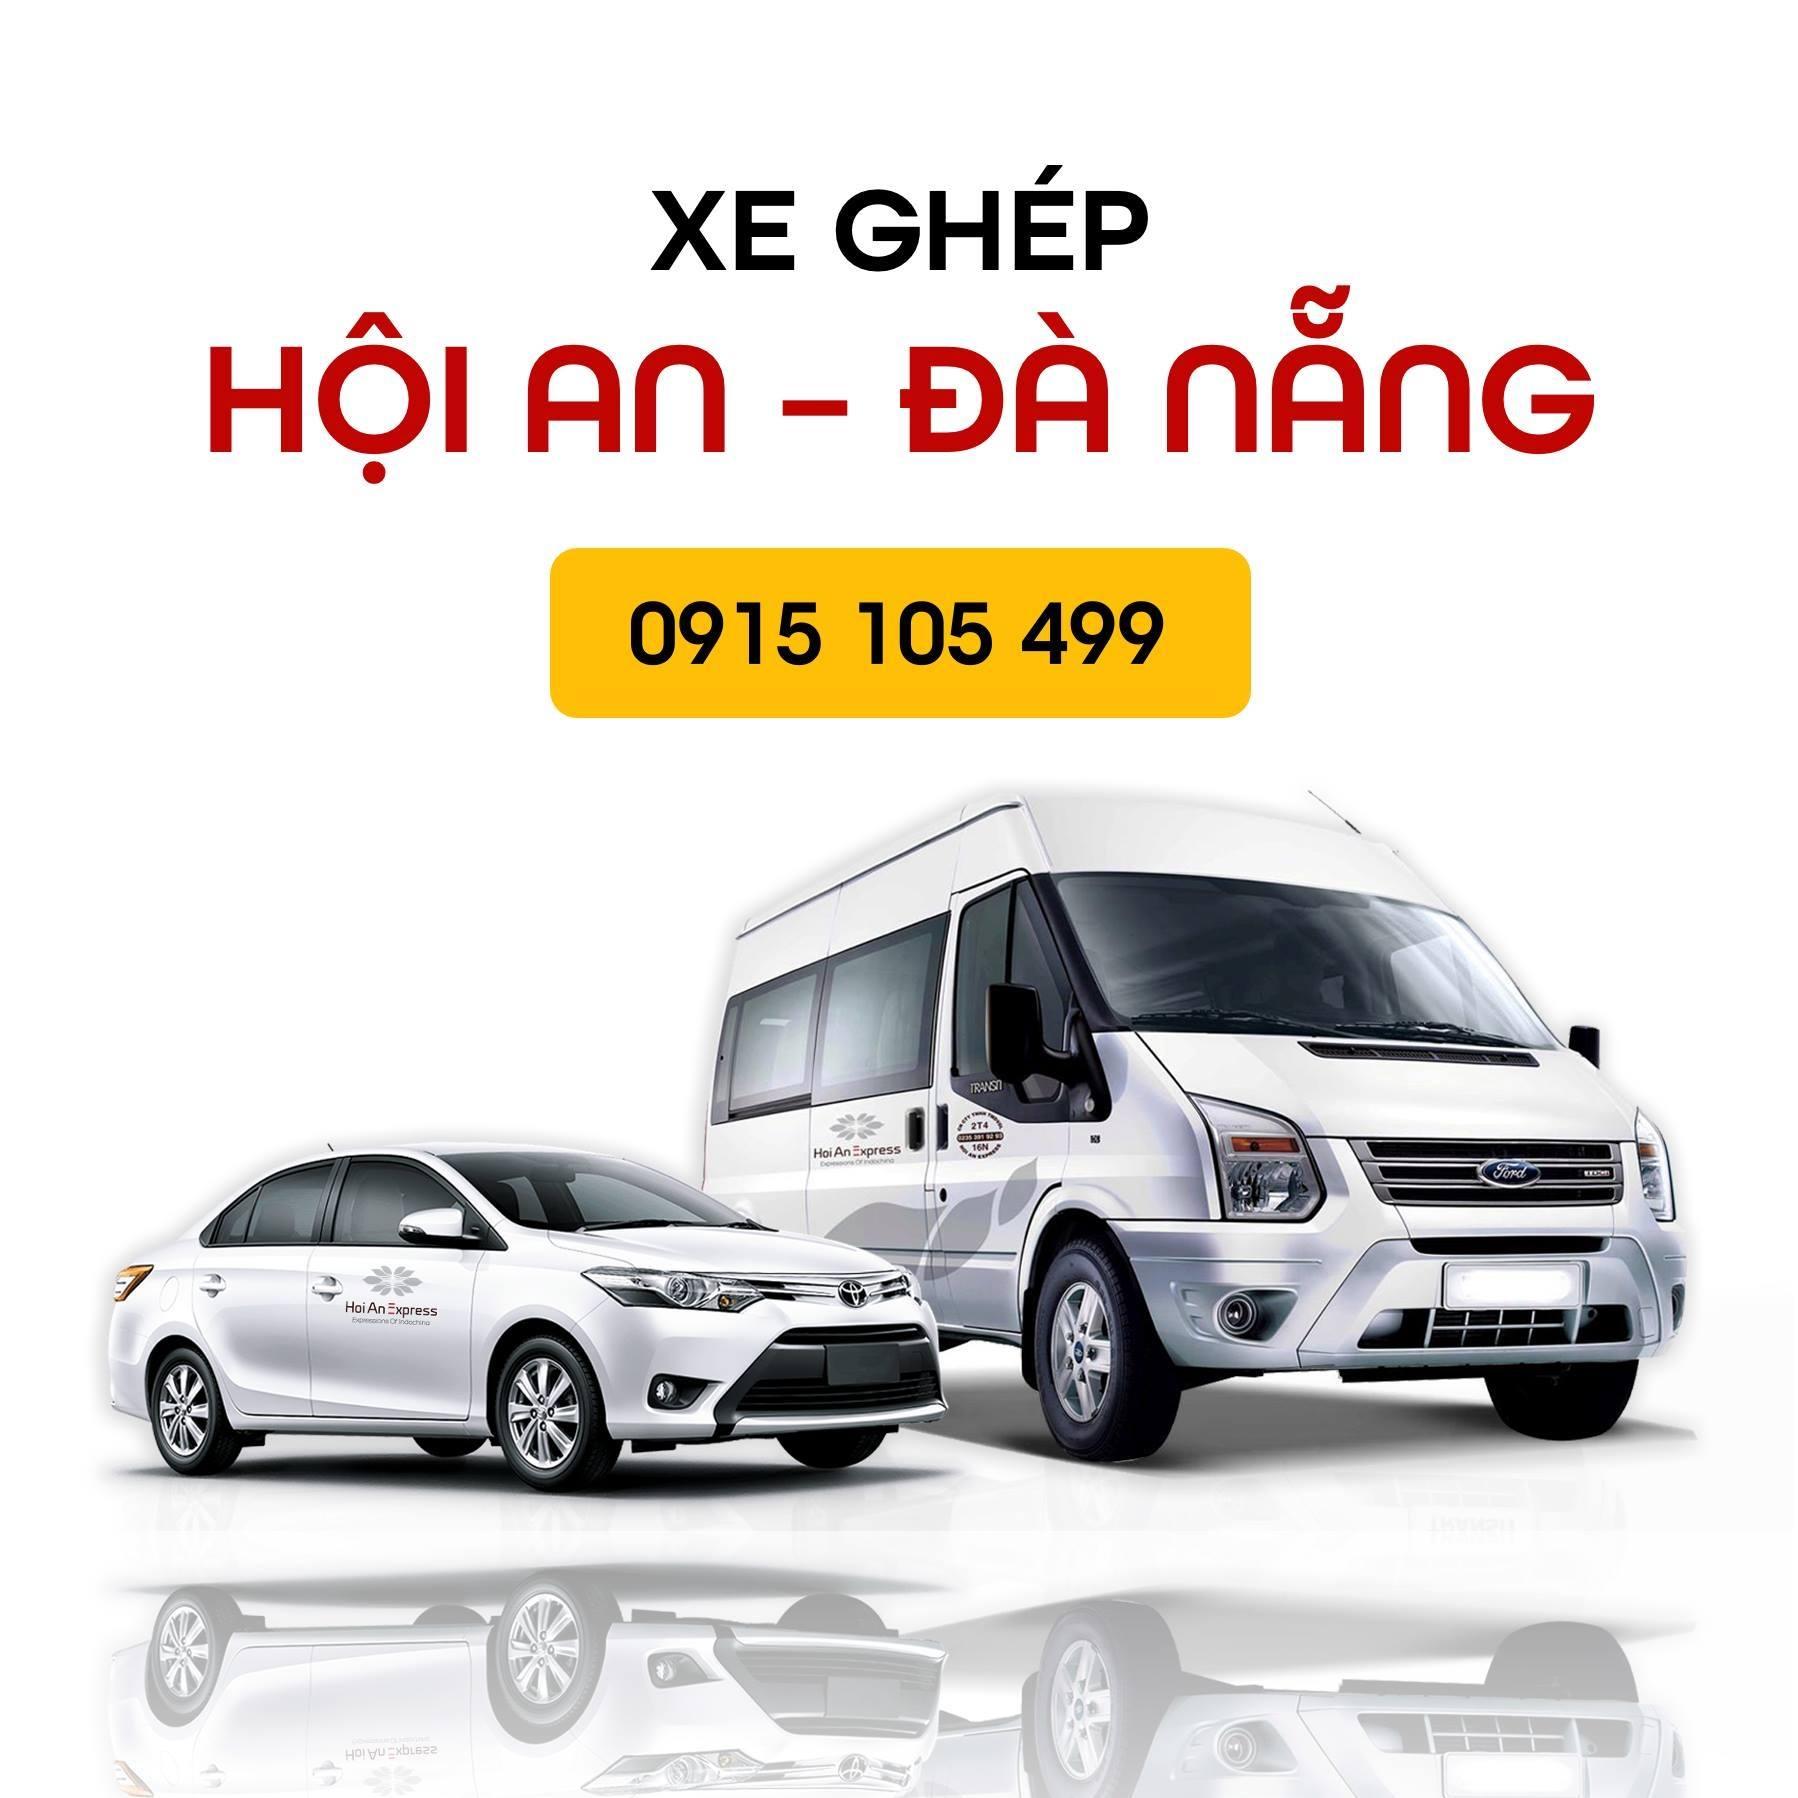 Xe ghép Hội An - Đà Nẵng (Hoi An Express Travel Agency - Hoi An Branch)